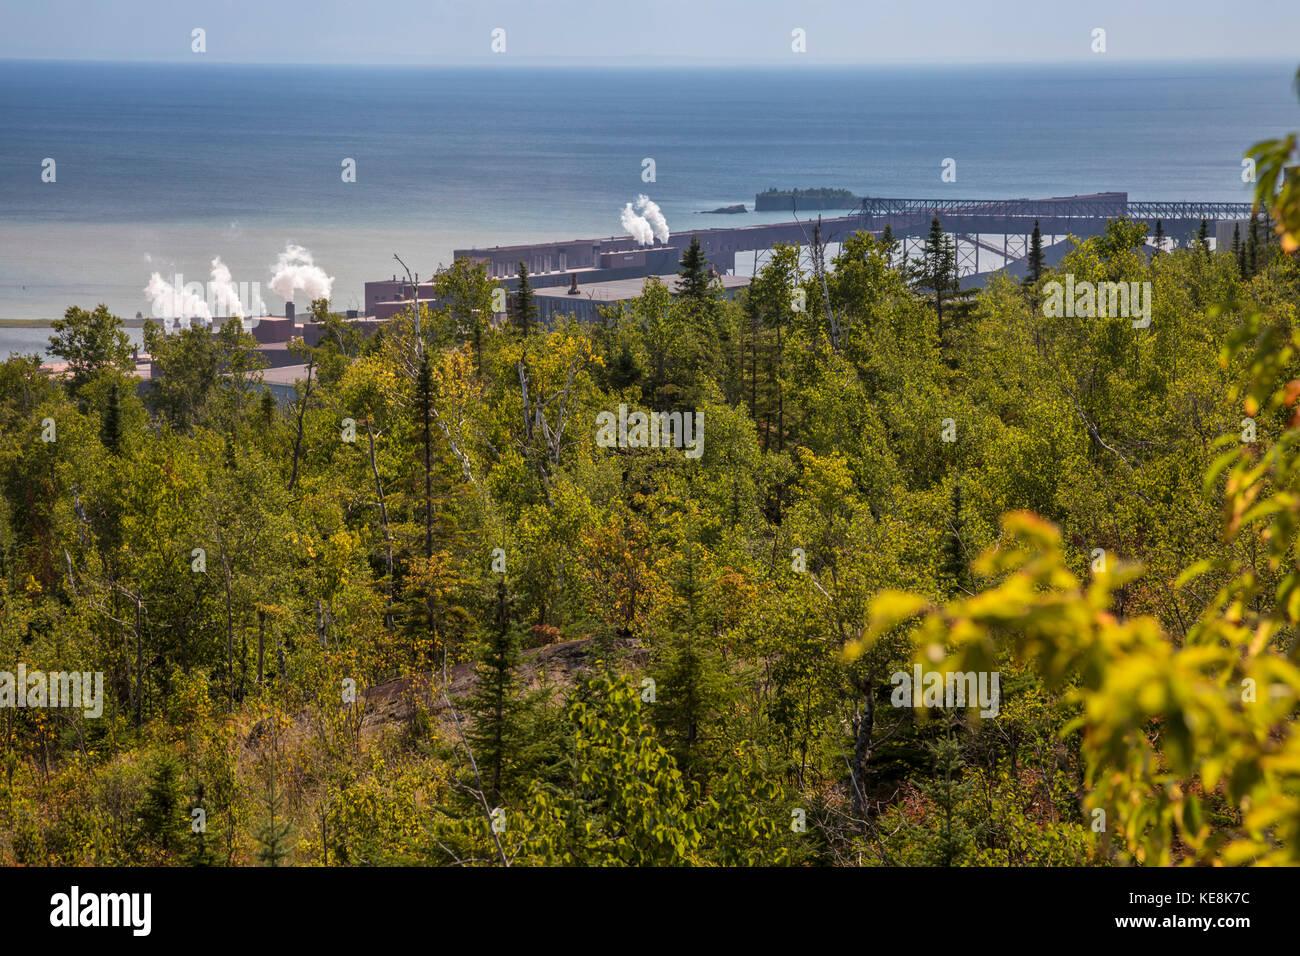 Silver Bay, Minnesota - northshore mining et l'usine de transformation de taconite sur le bord du lac Supérieur. Photo Stock